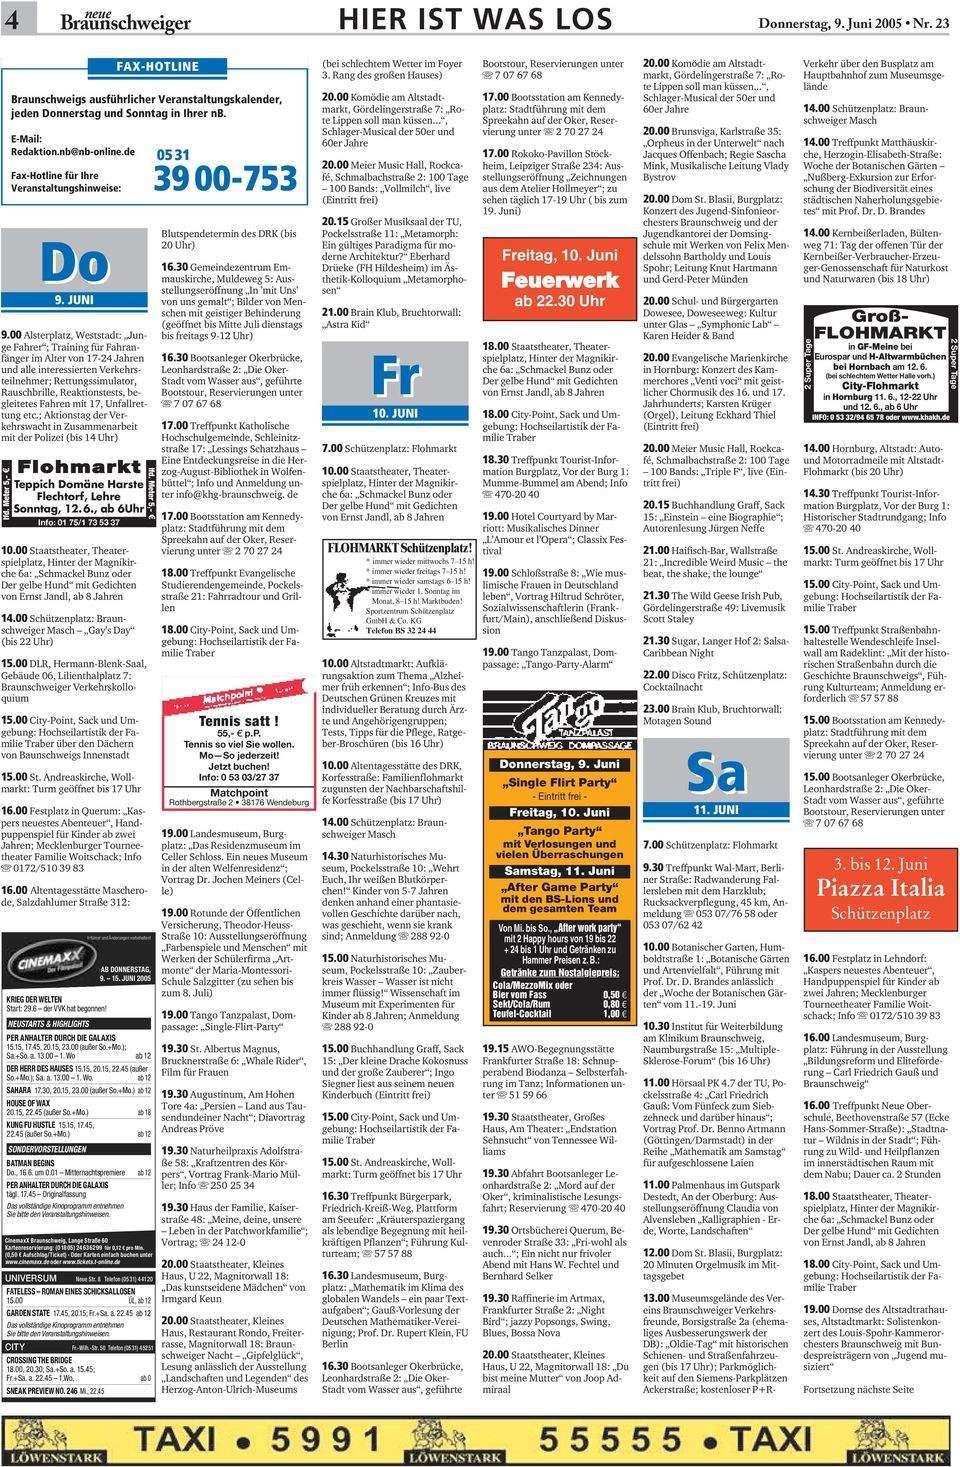 botanischer garten berlin kommende veranstaltungen einzigartig anzeigen kleinanzeigen telefax redaktion h pdf of botanischer garten berlin kommende veranstaltungen